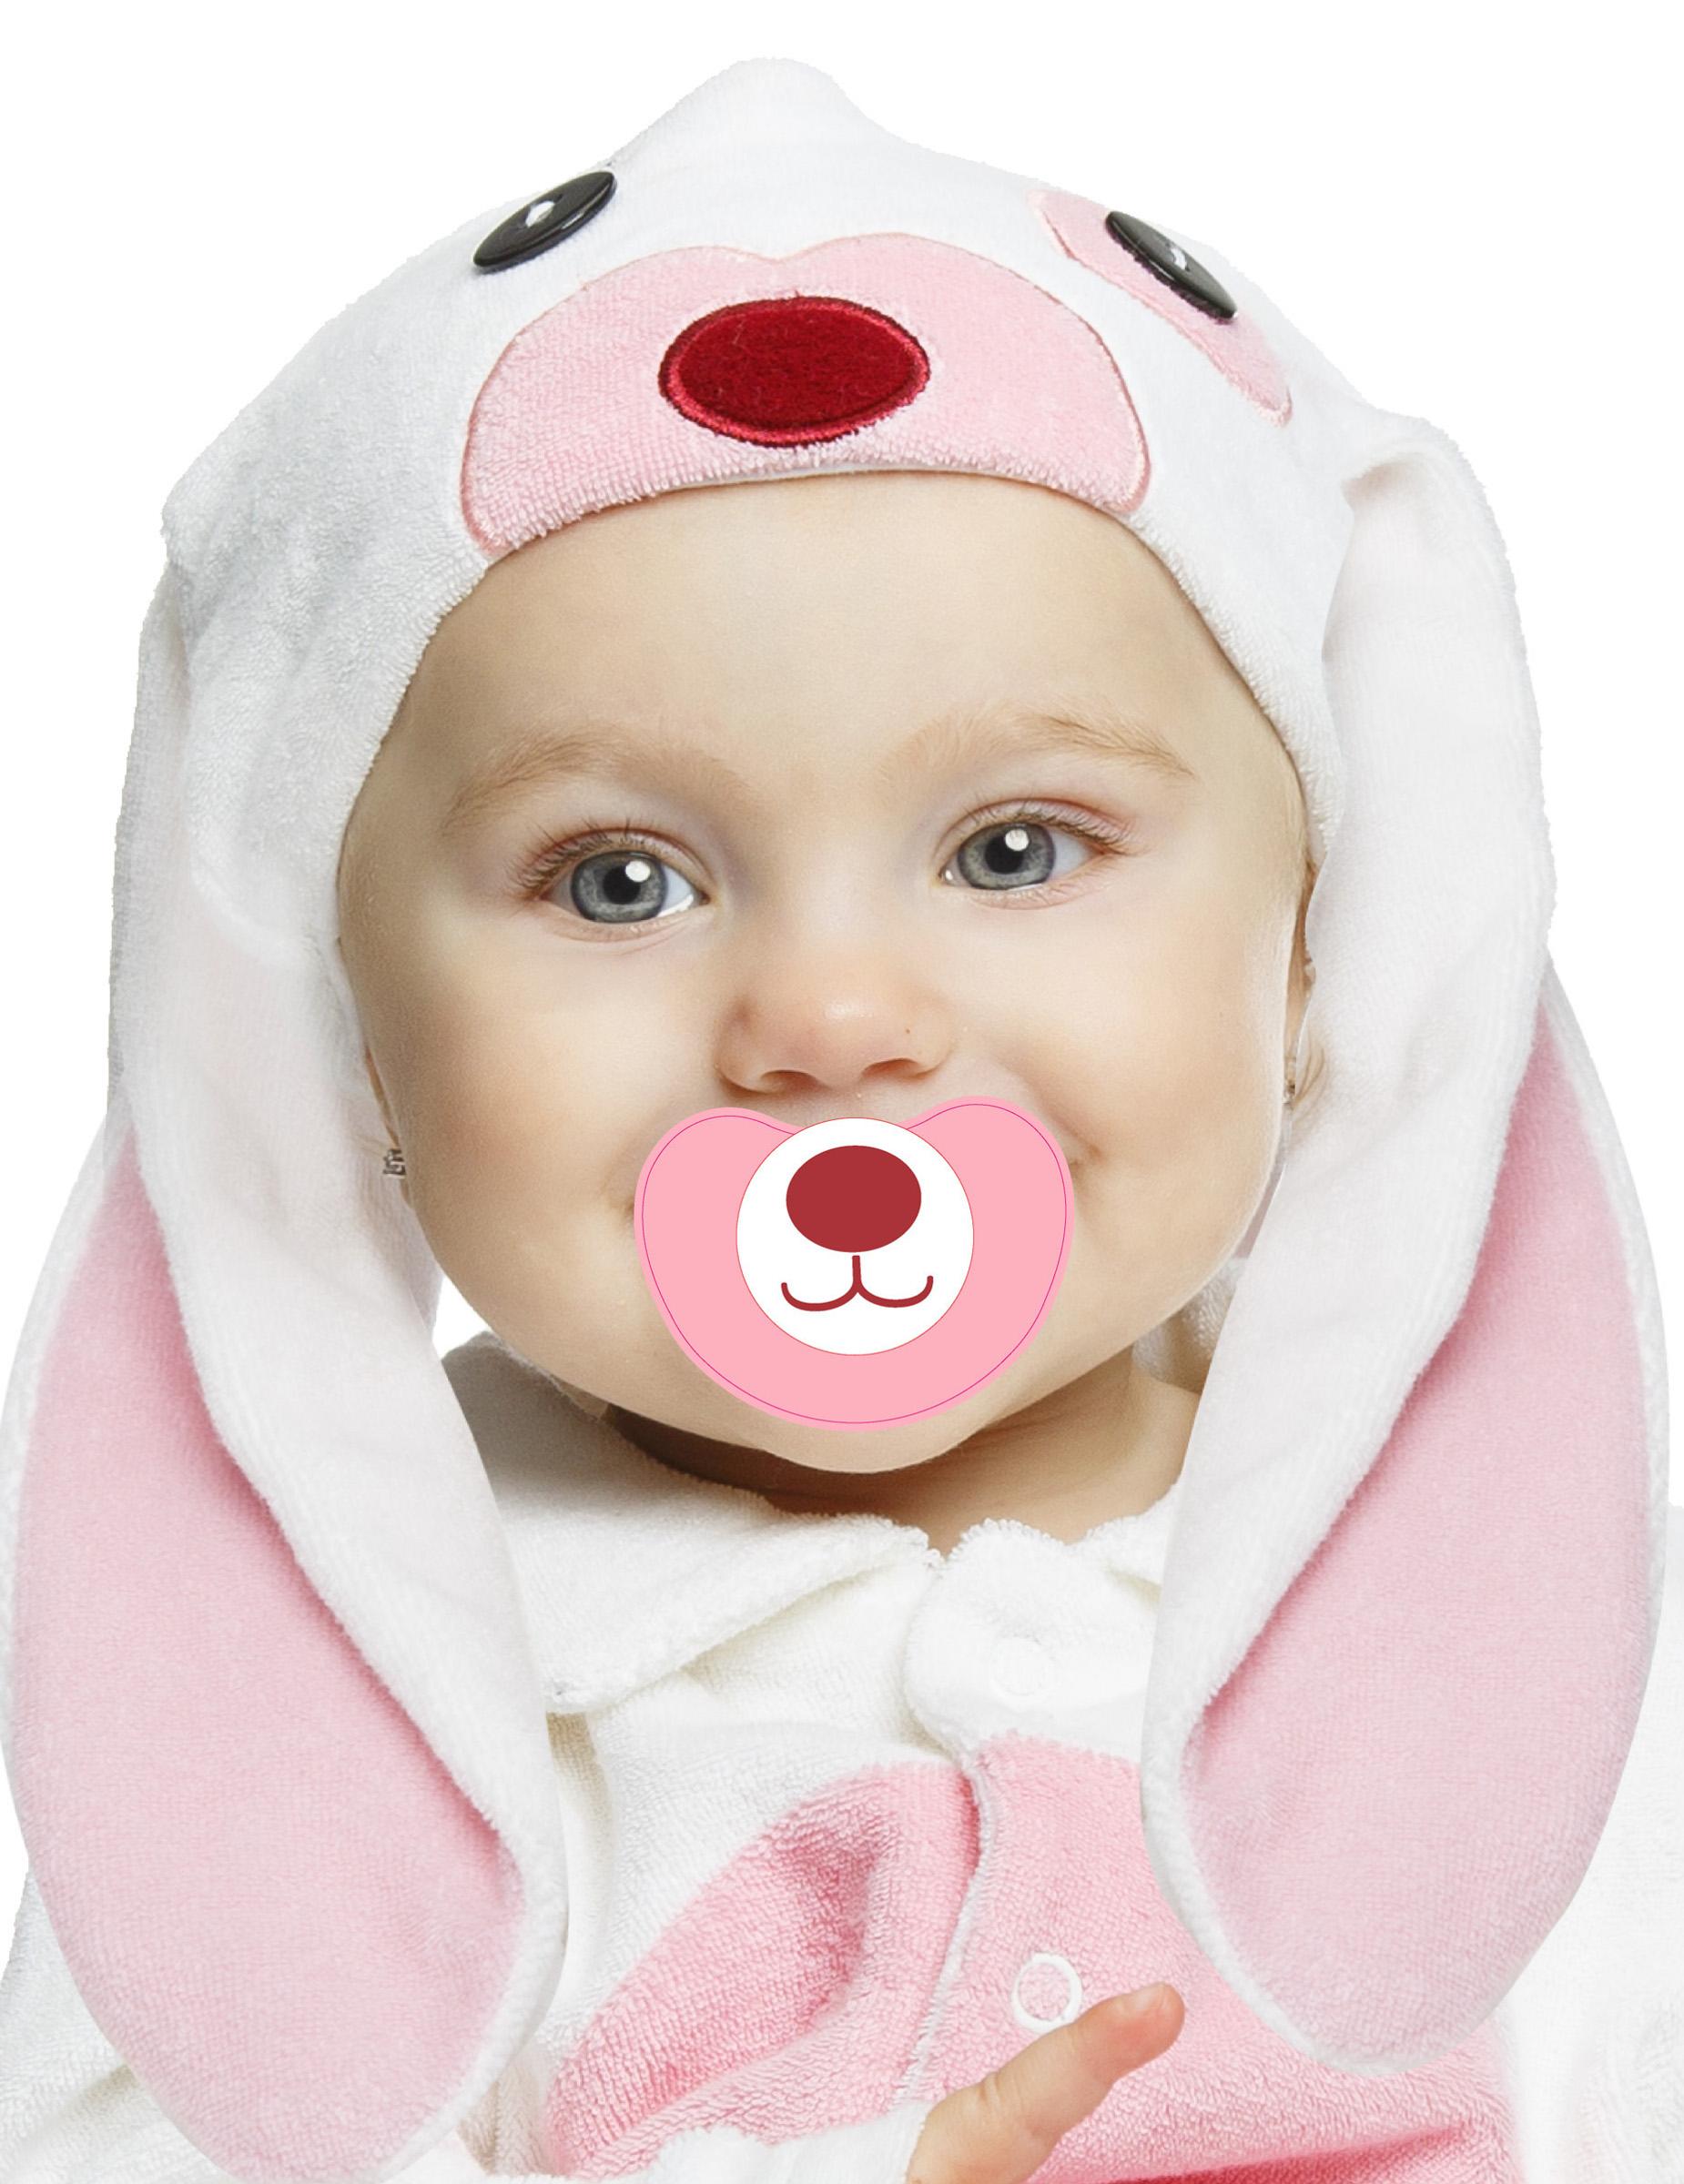 Déguisement petit lapin rose avec sucette luxe bébé  Deguise,toi, achat de  Déguisements enfants